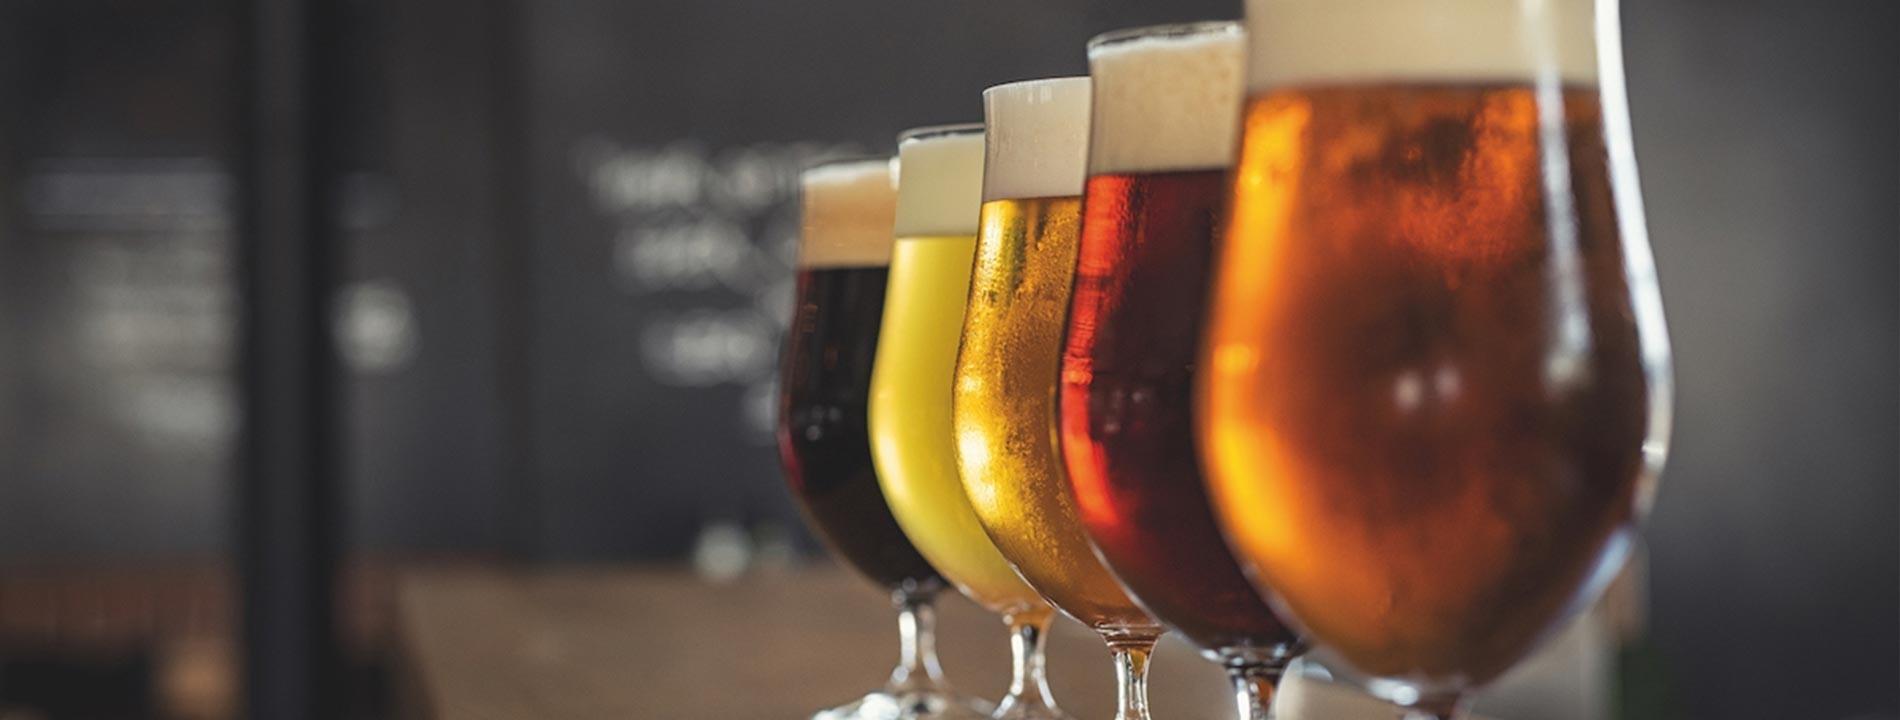 Birra - Le migliori birre artigianali e non su Comunianvini.it